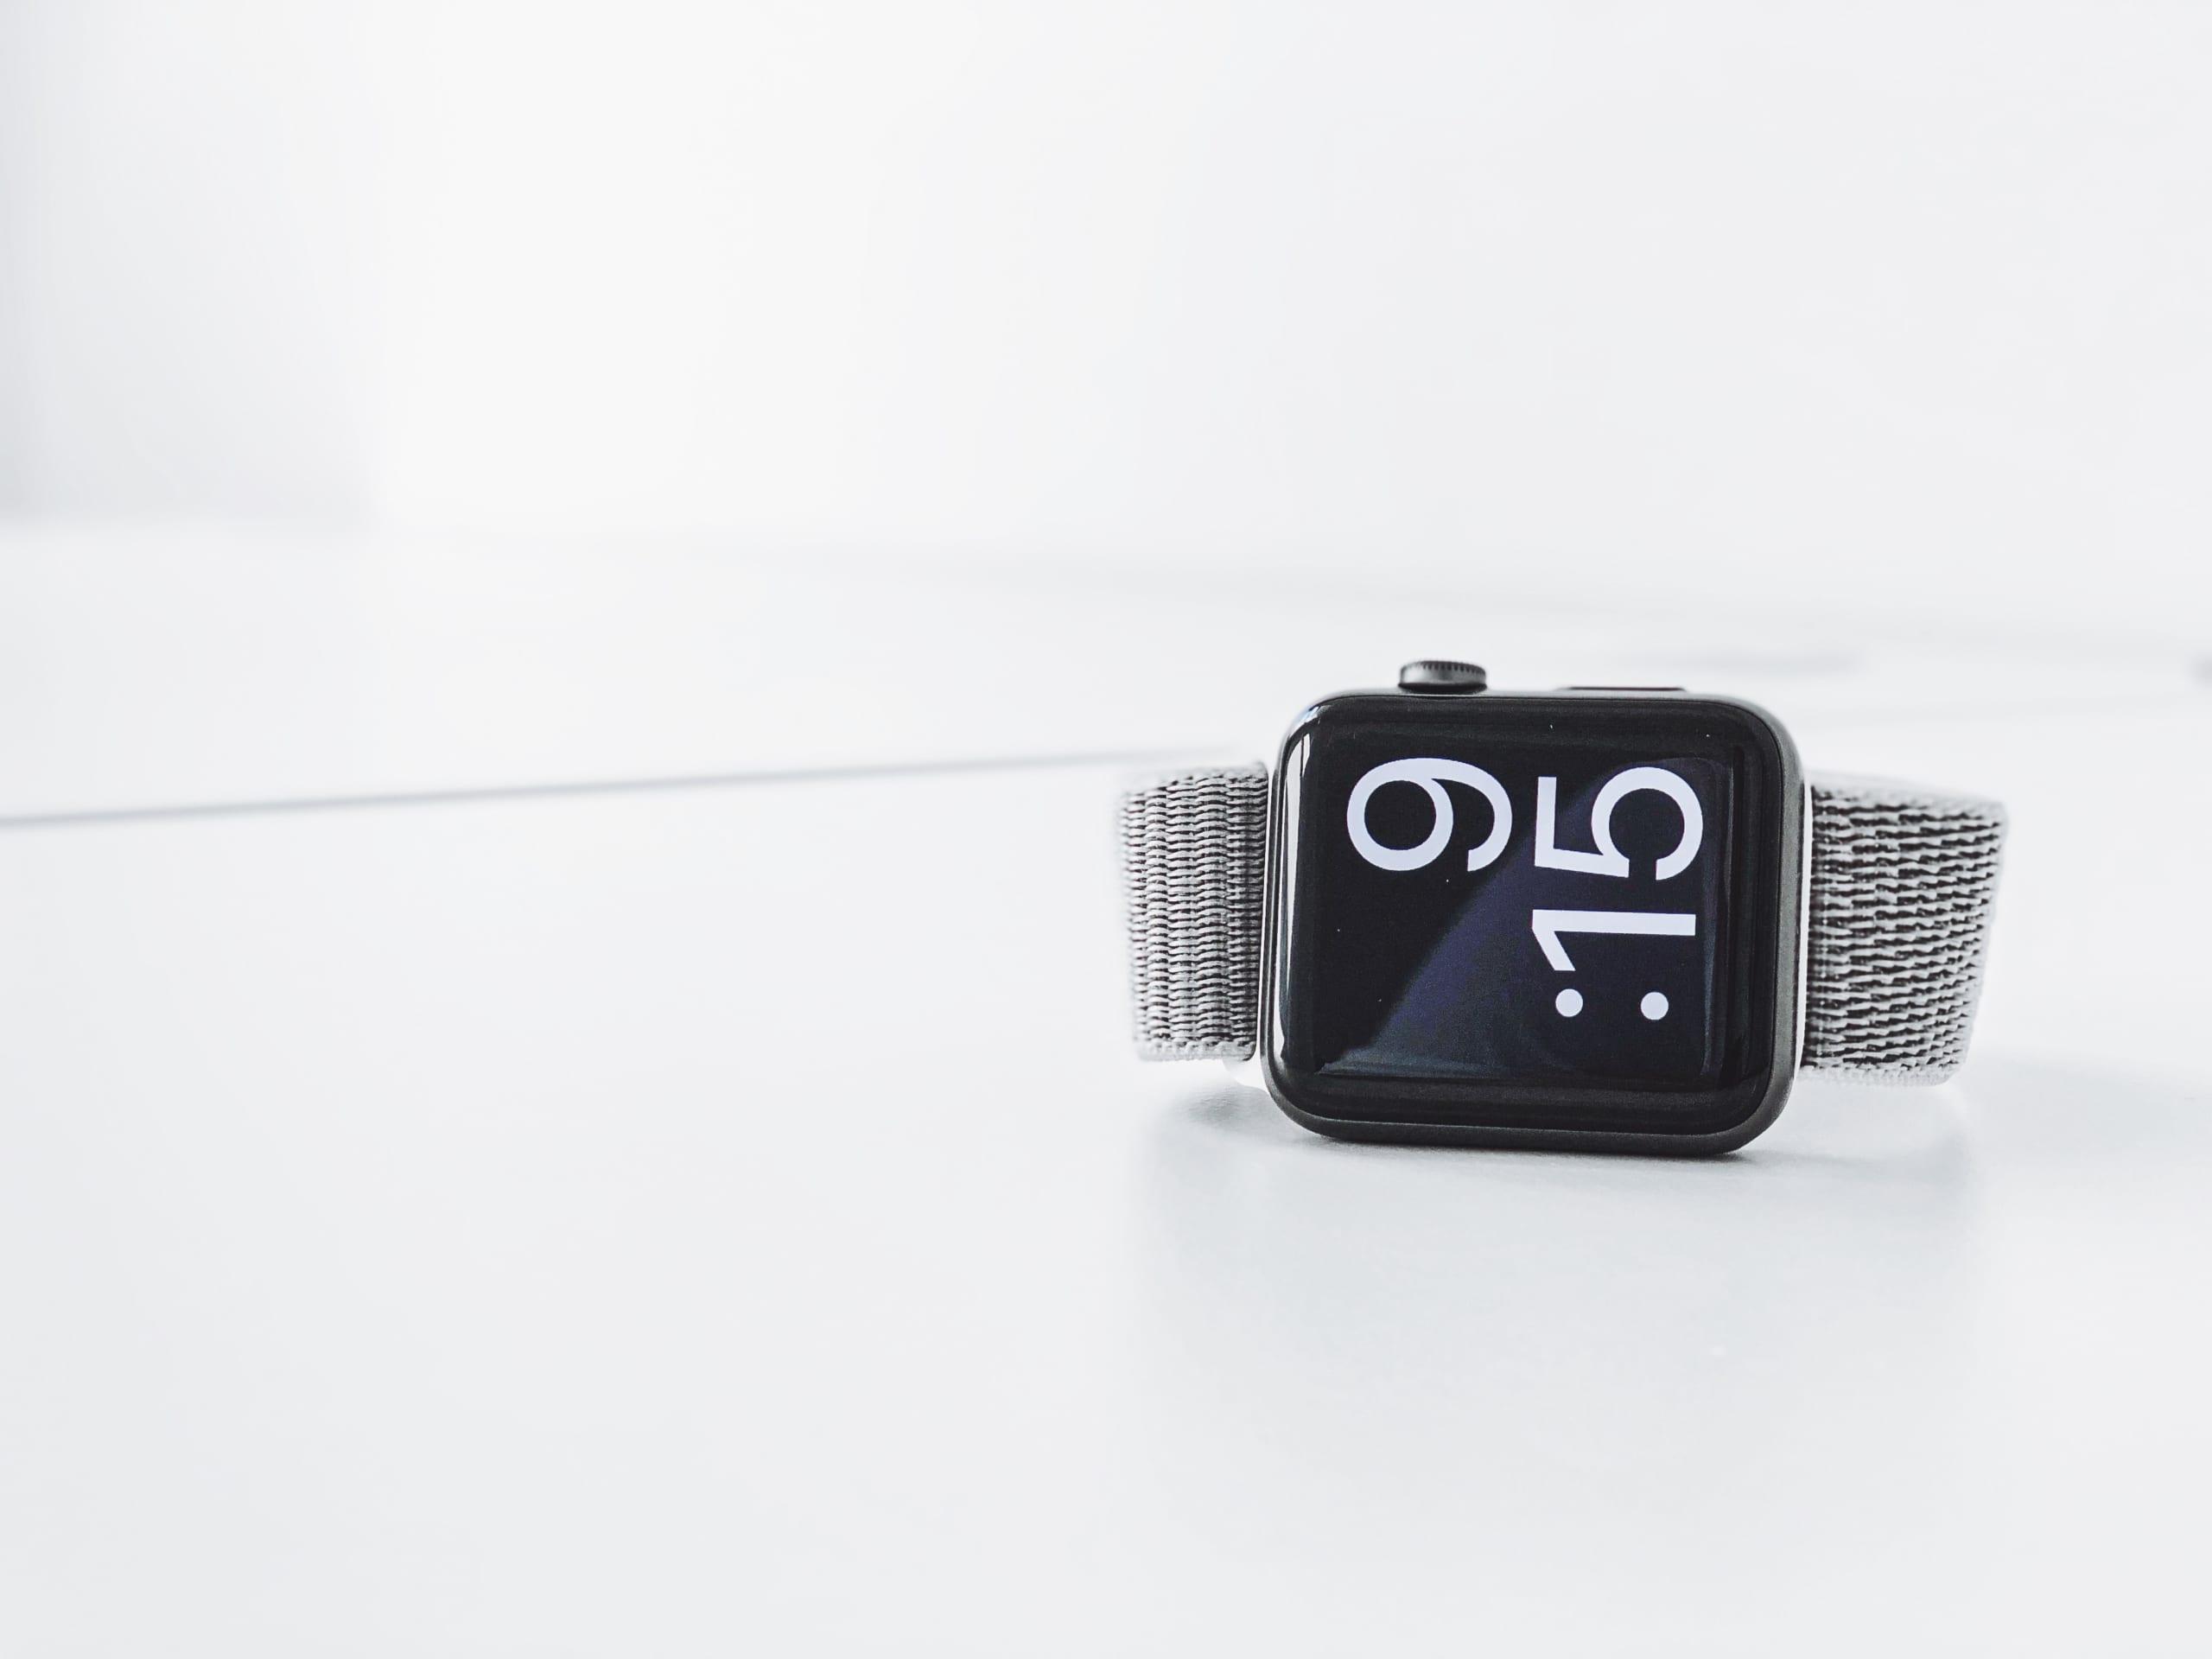 歴代Apple Watchモデル比較!Series 7~1/SE/初代の価格・スペック・サイズまとめ